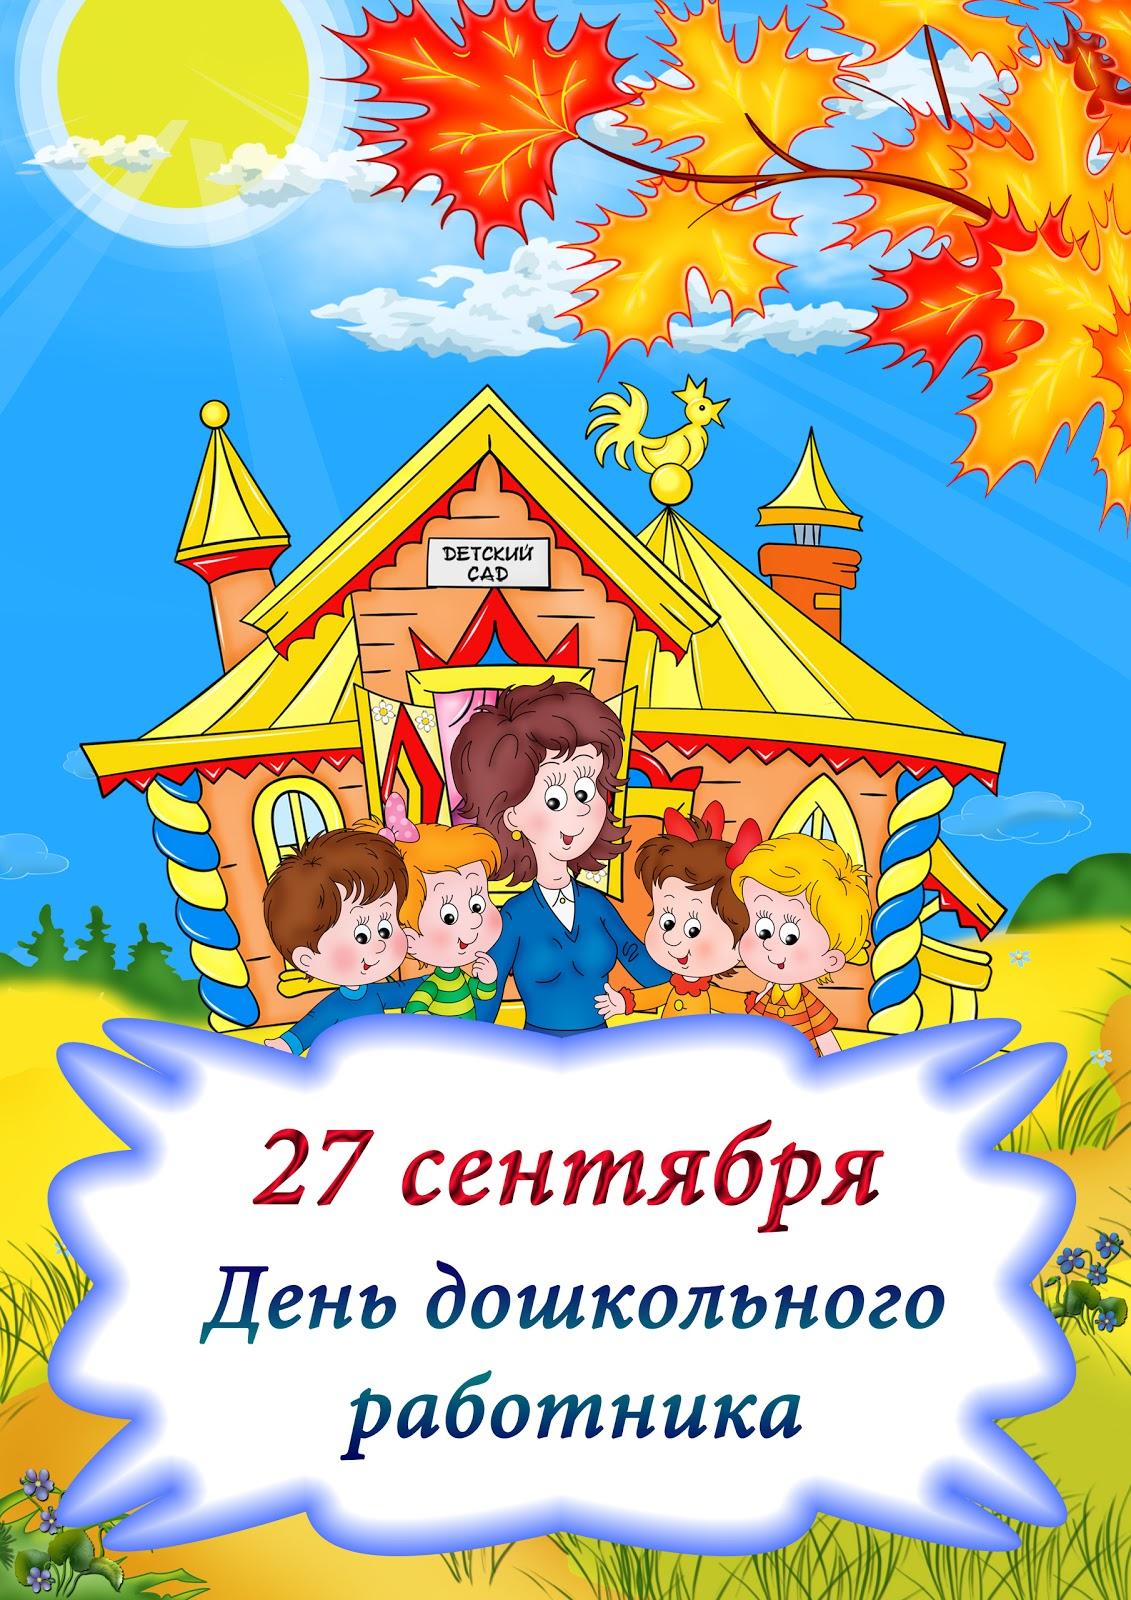 Картинка поздравление с днем дошкольного работника